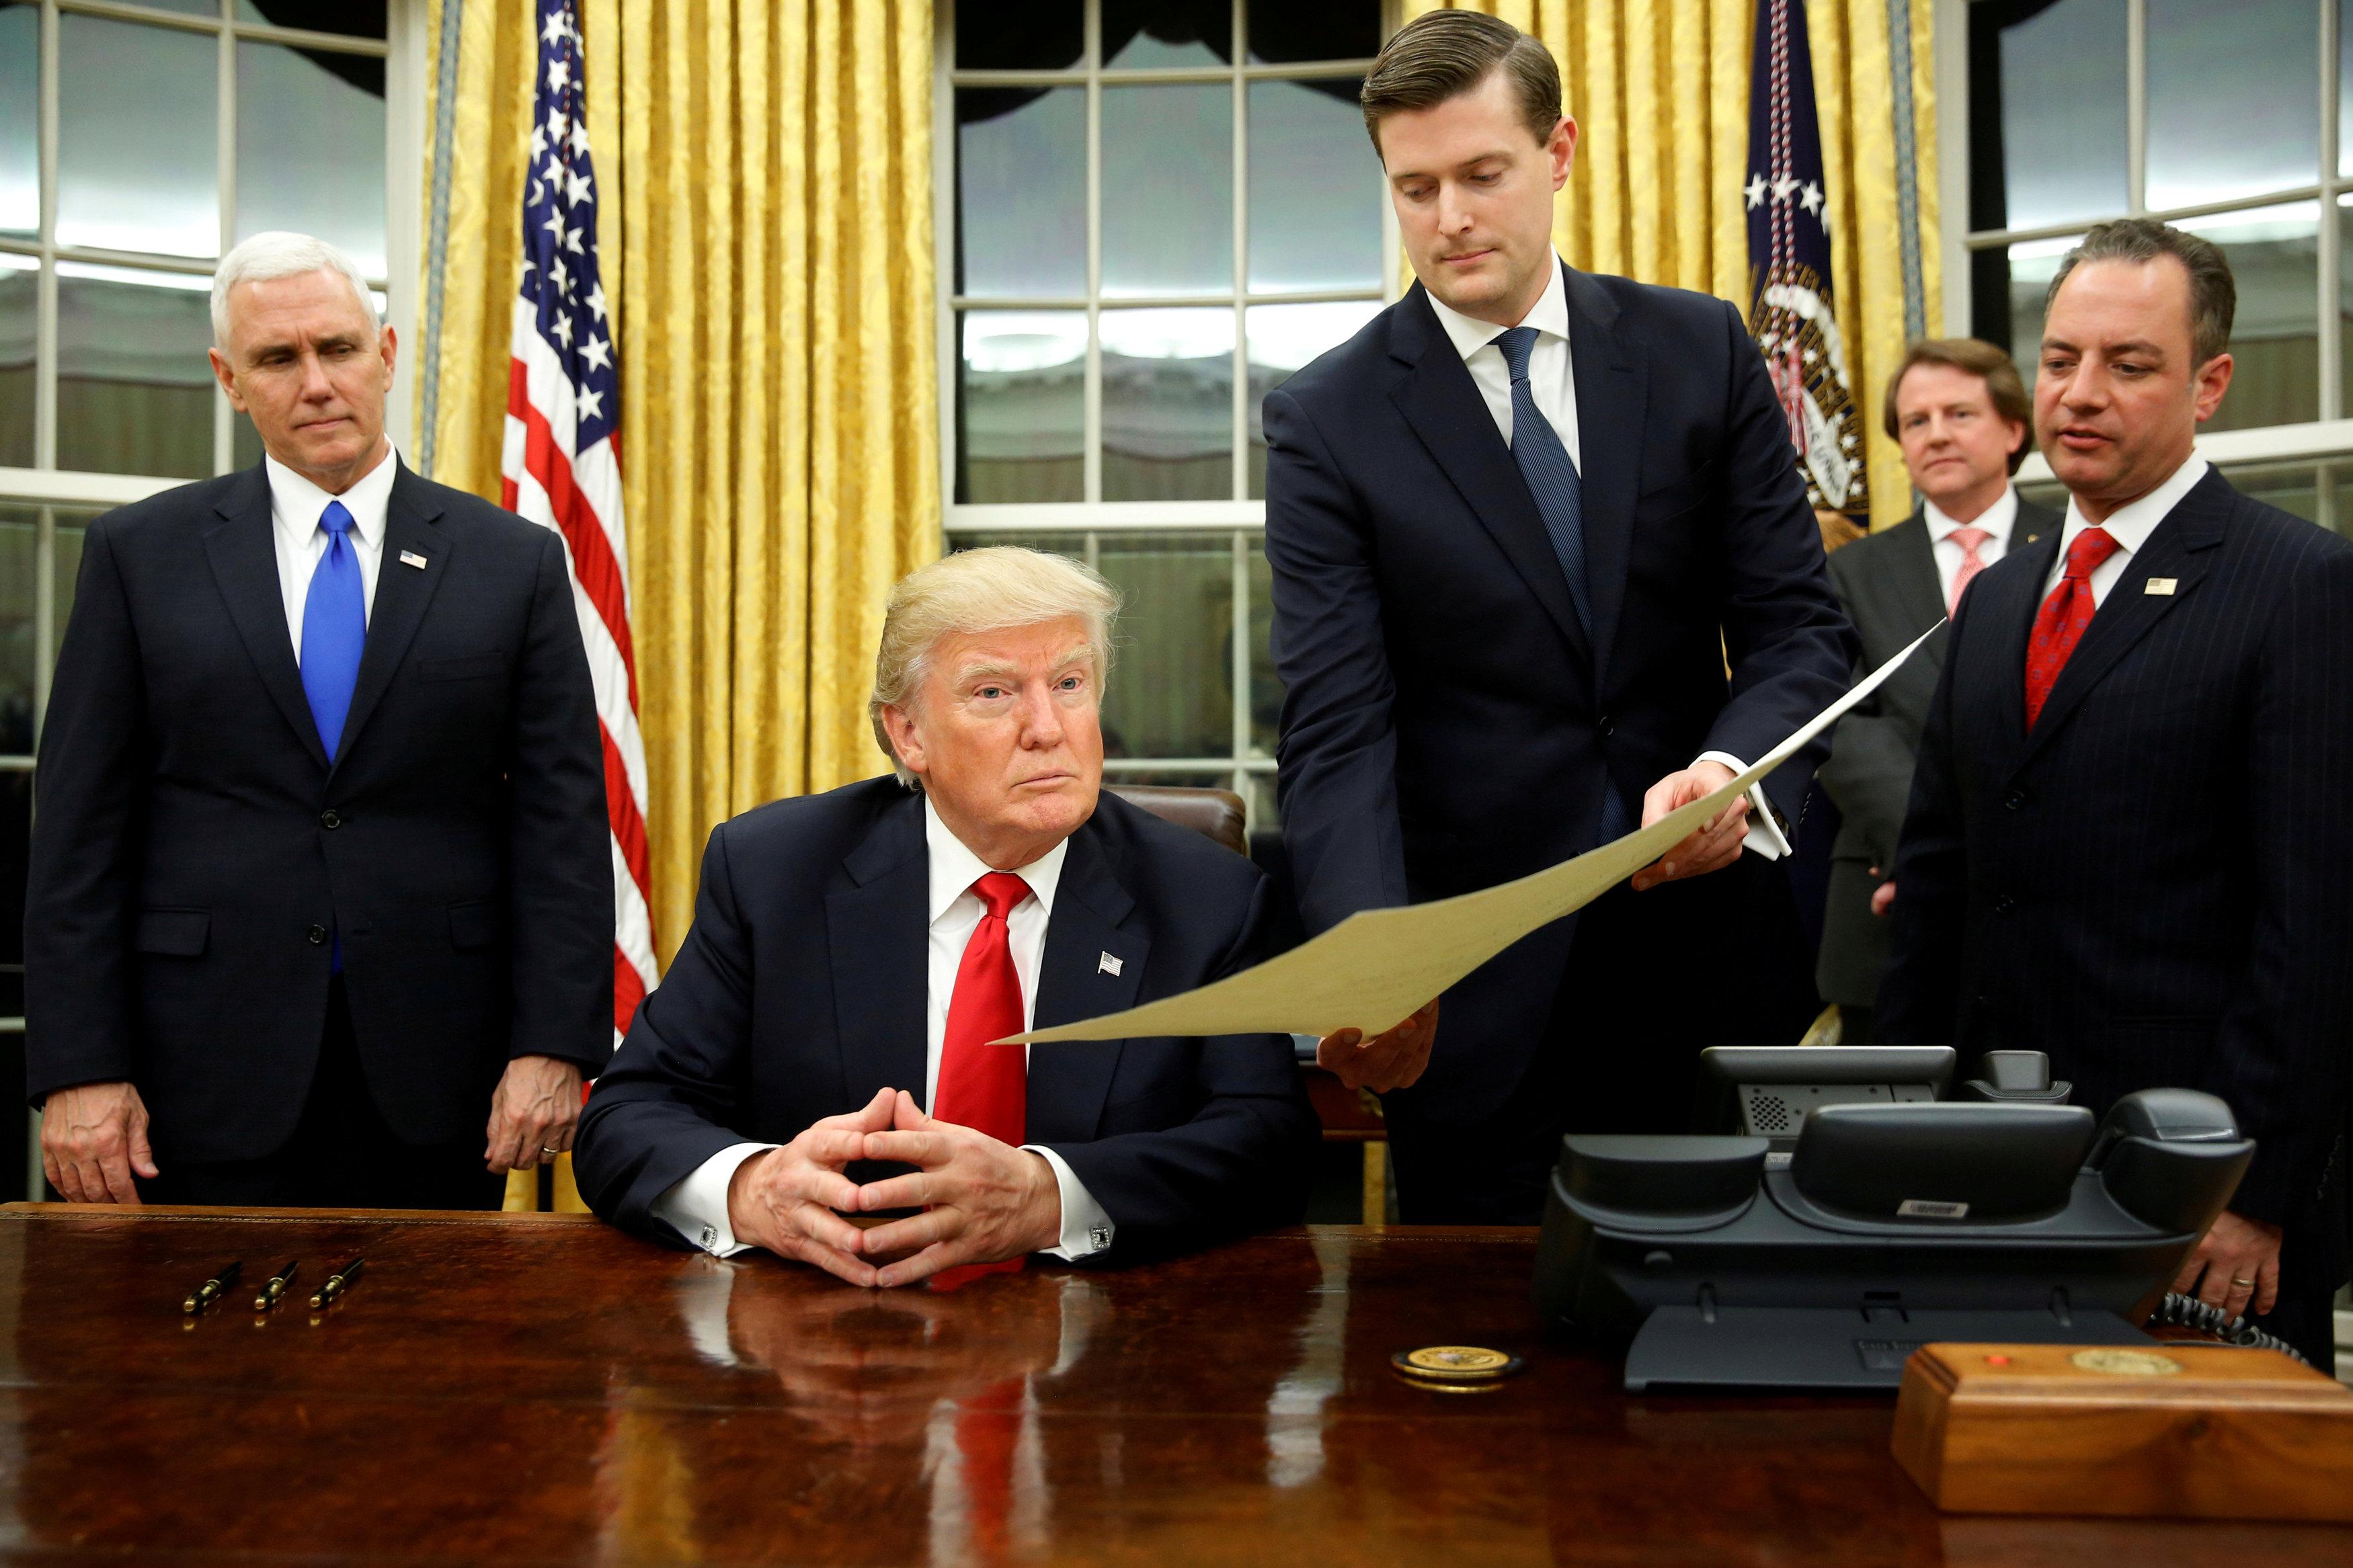 El secretario de personal Rob Porter le entrega un documento al presidente estadounidense Donald Trump (Reuters/Jonathan Ernst/archivo)